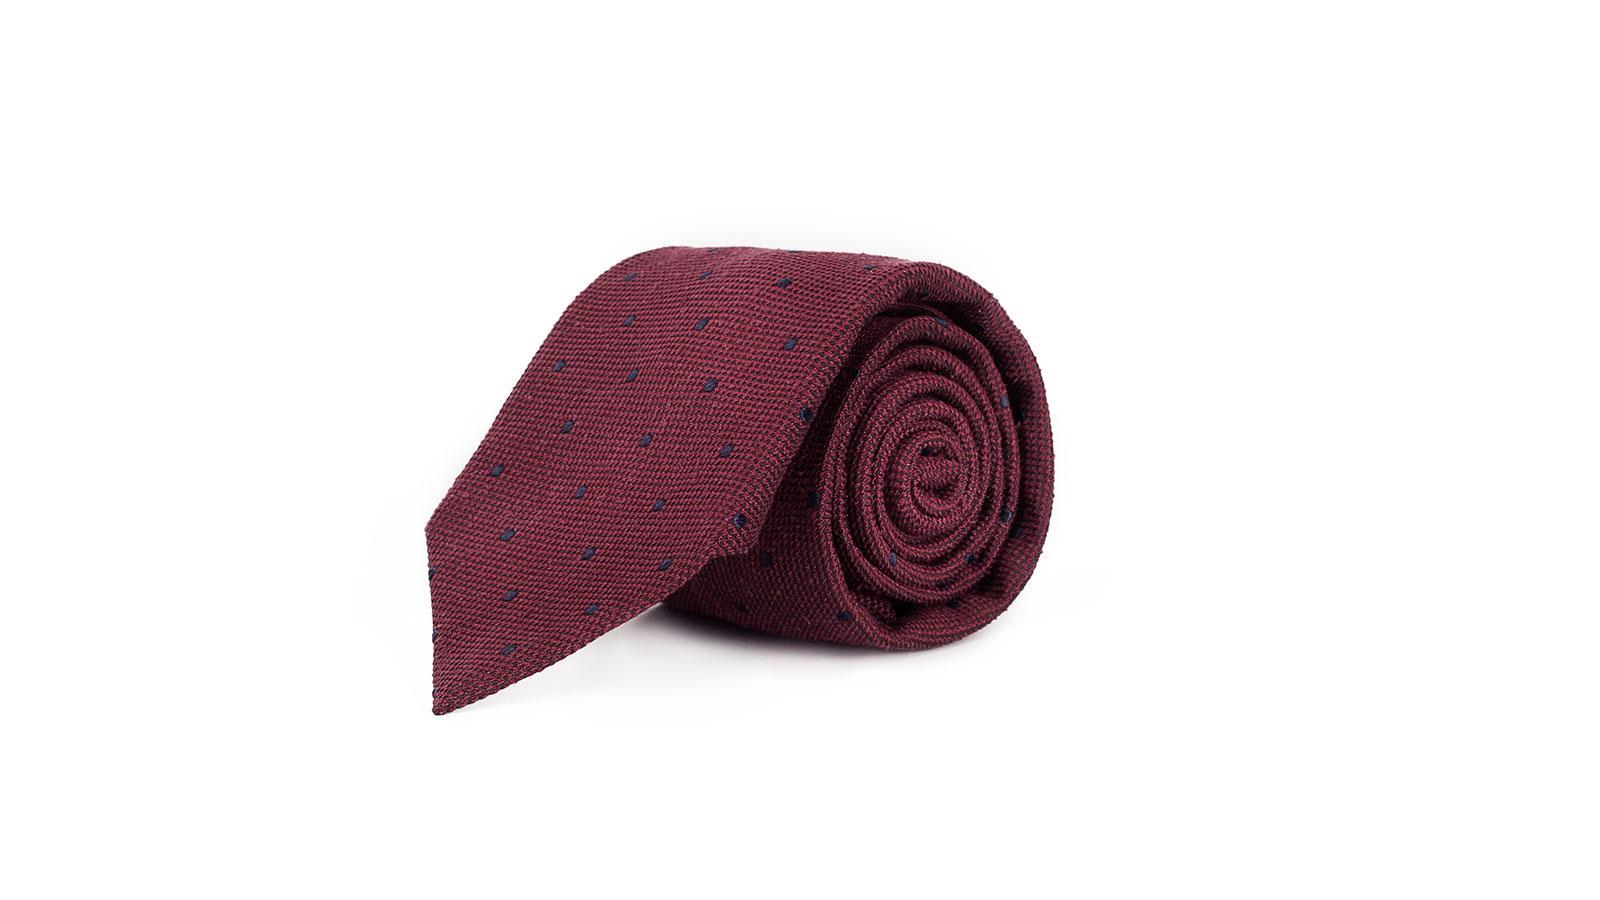 Red Dotted Bourette Silk Tie - slider image